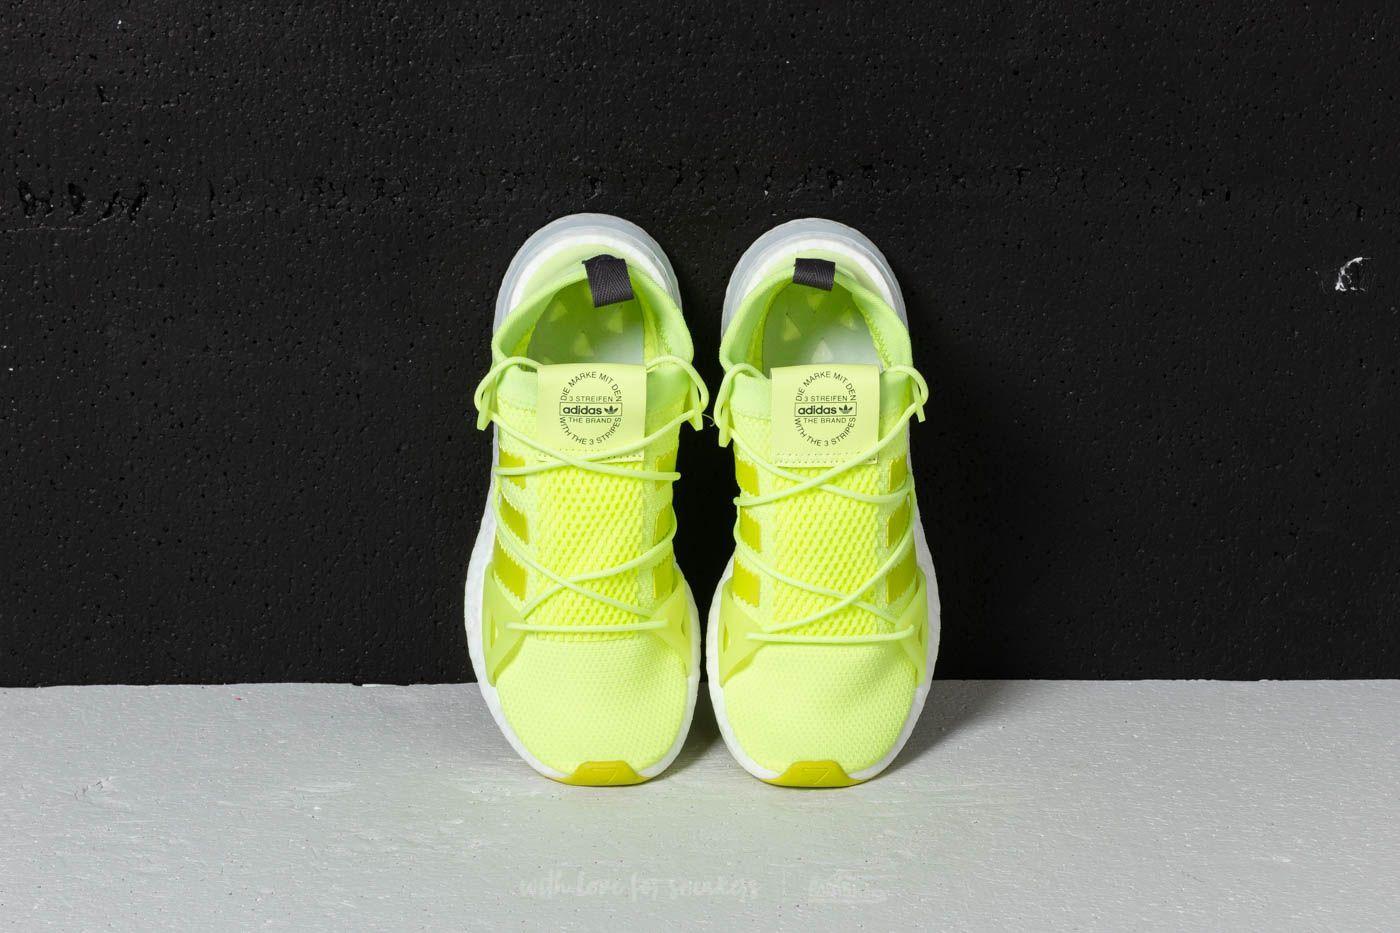 los más valorados originales buscar autorización adidas Arkyn W Glow/ Semi Solar Yellow/ Grey | Adidas, Yellow ...